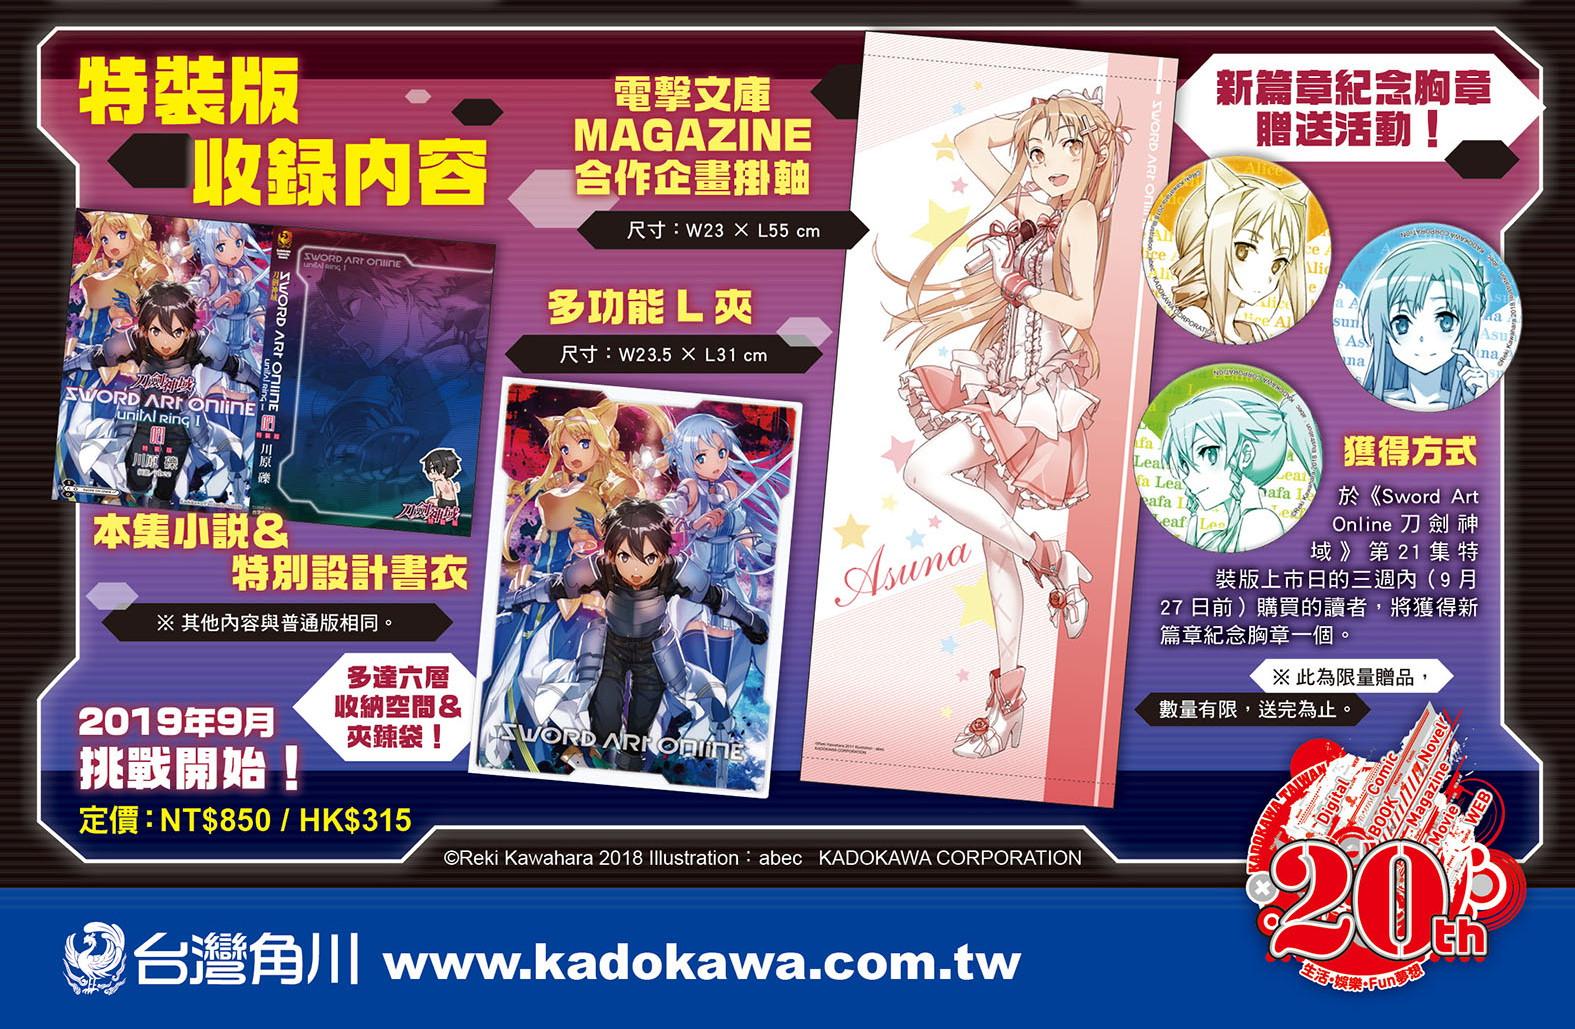 《Sword Art Online 刀劍神域 (21)》 新篇章九月啟動x特裝版預購開跑! 2_swor10